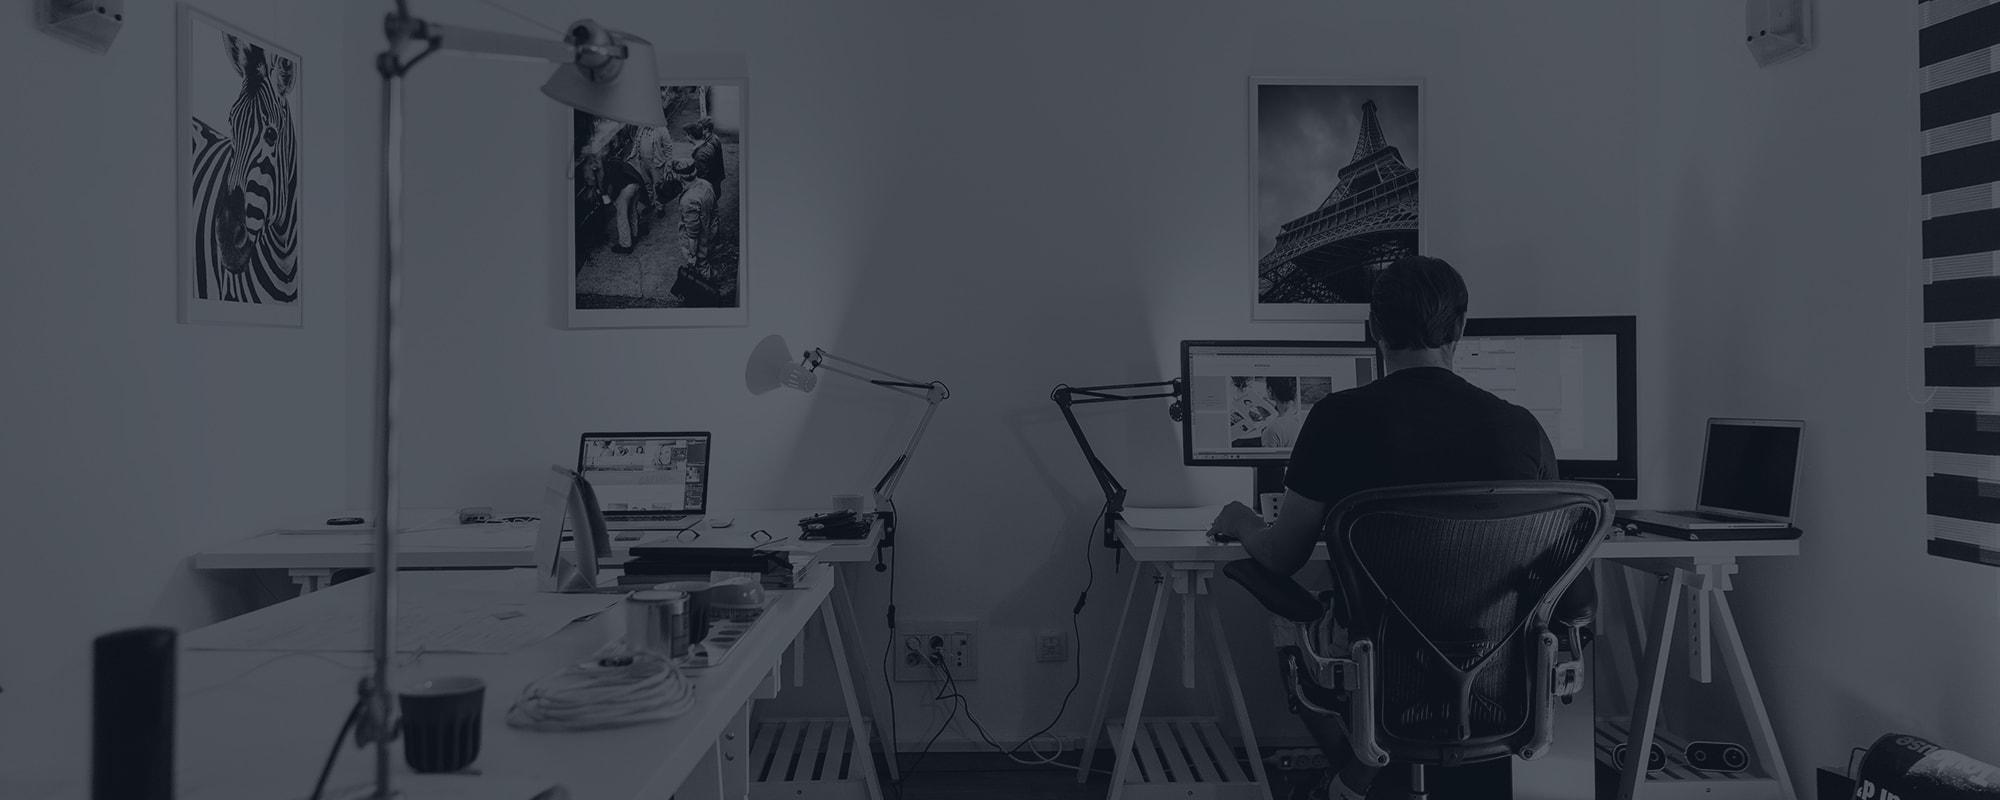 TPE / Freelance